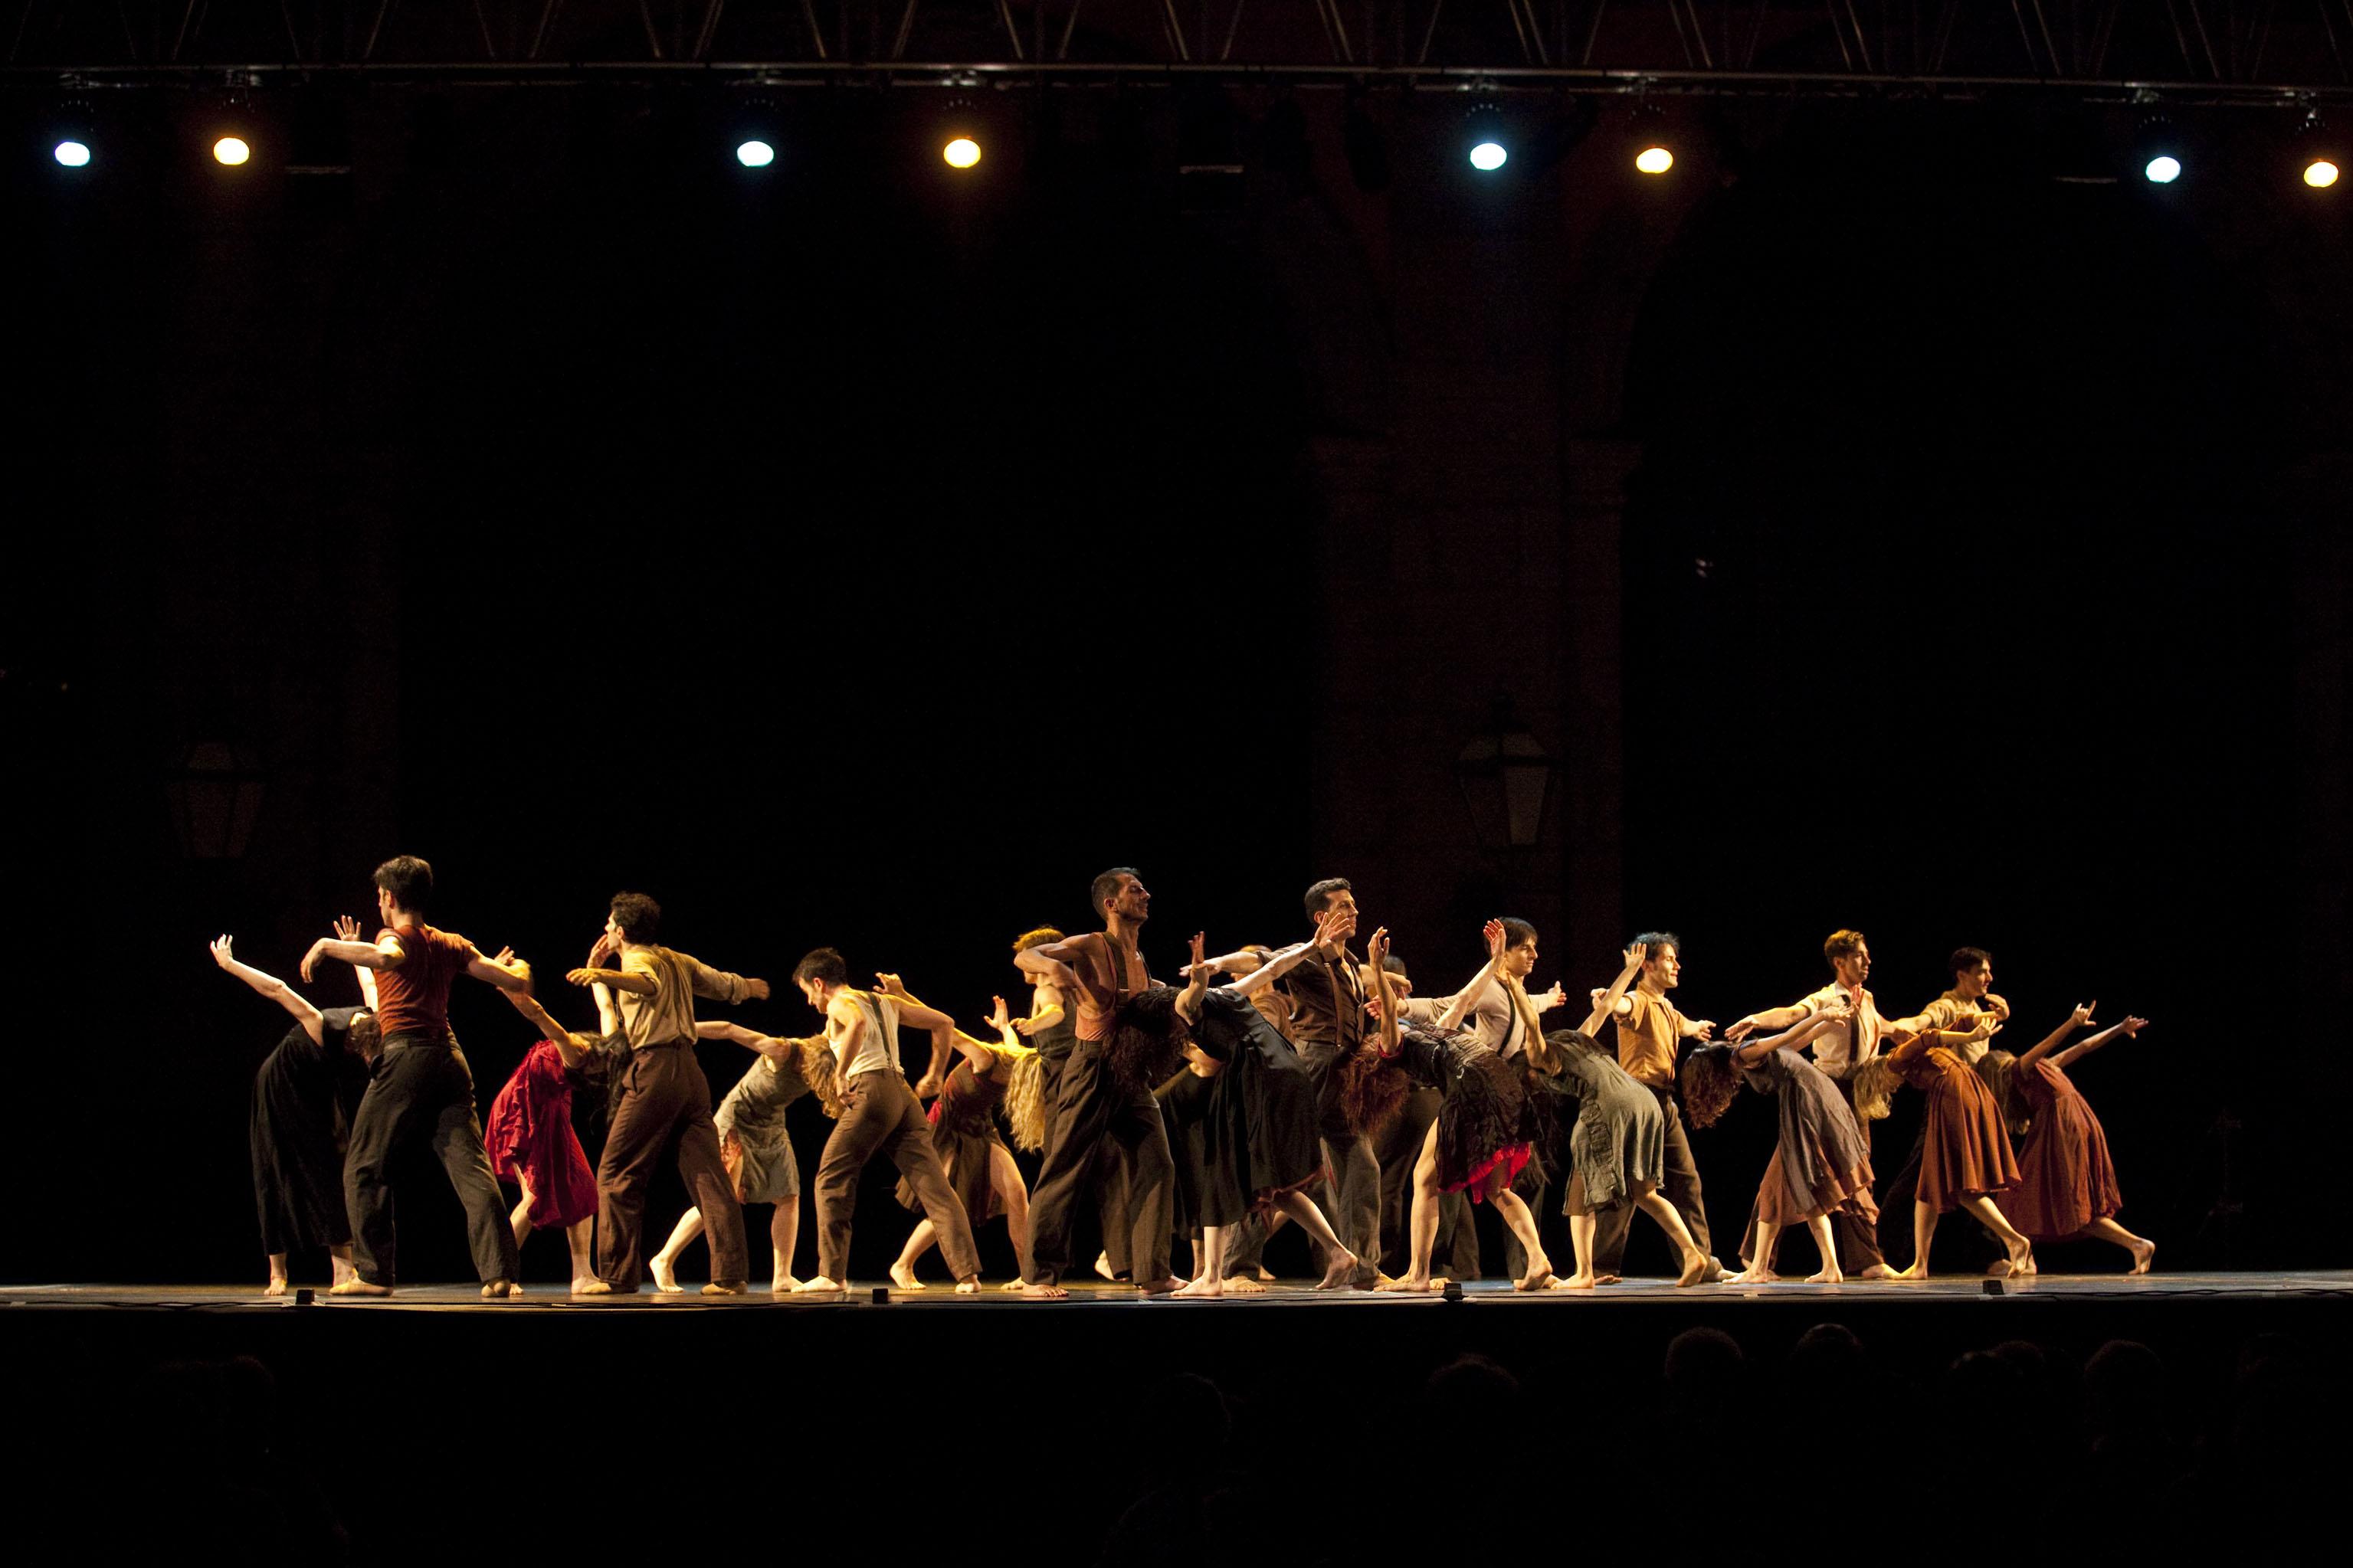 Risultati immagini per autunno danza 2017 san carlo